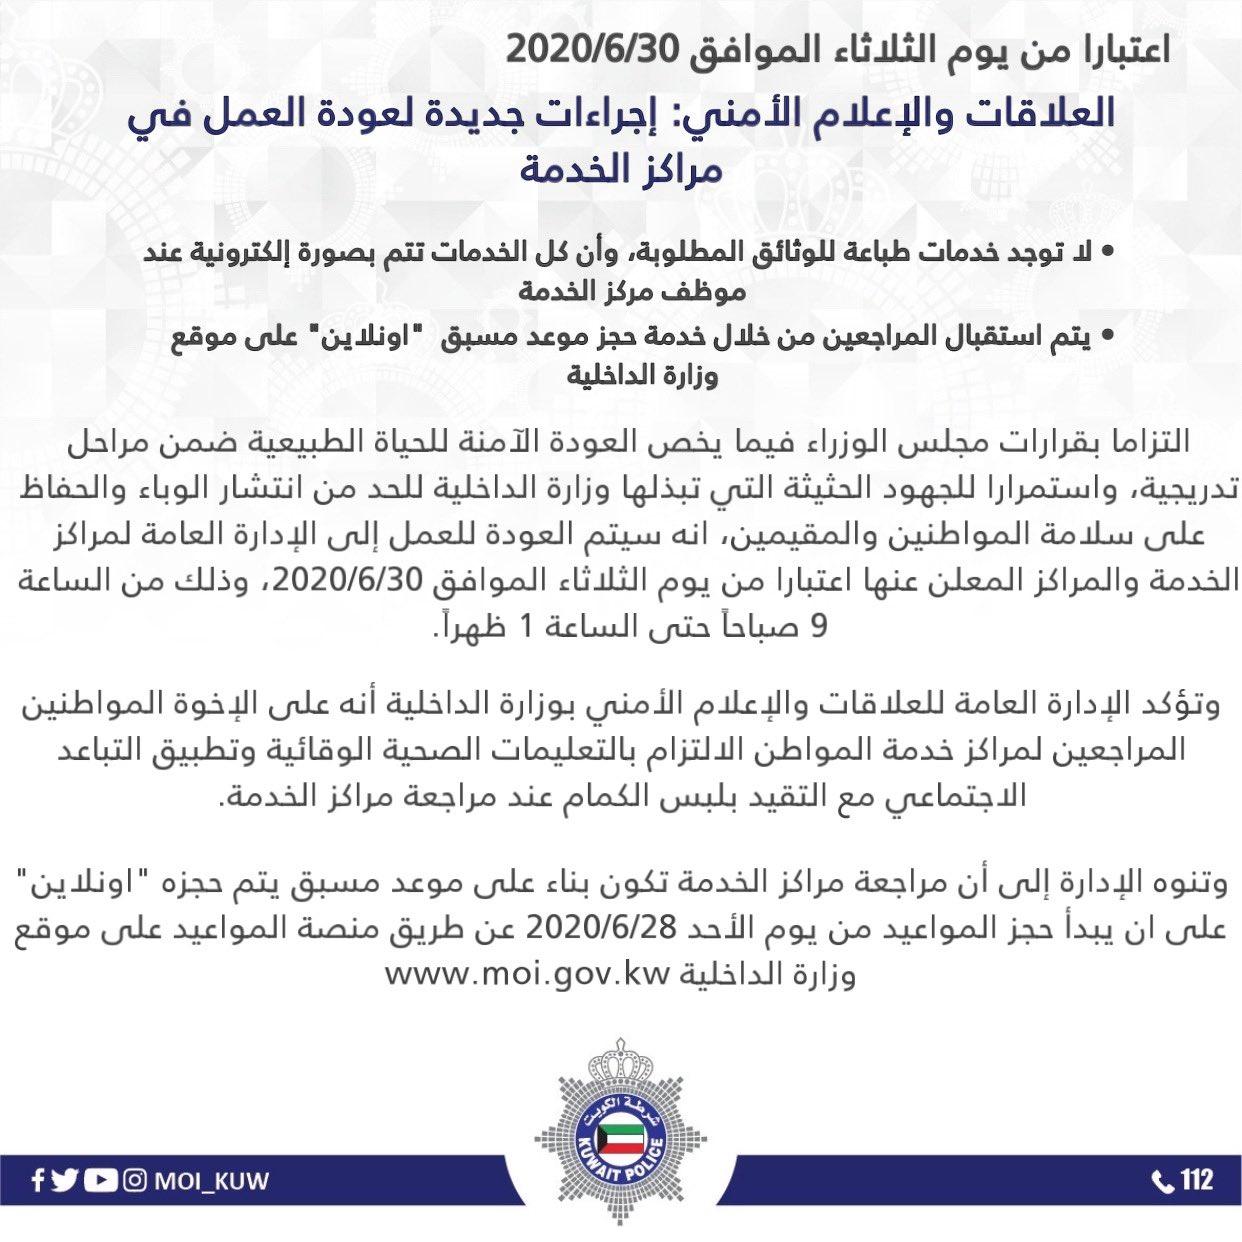 حجز موعد خدمة المواطن